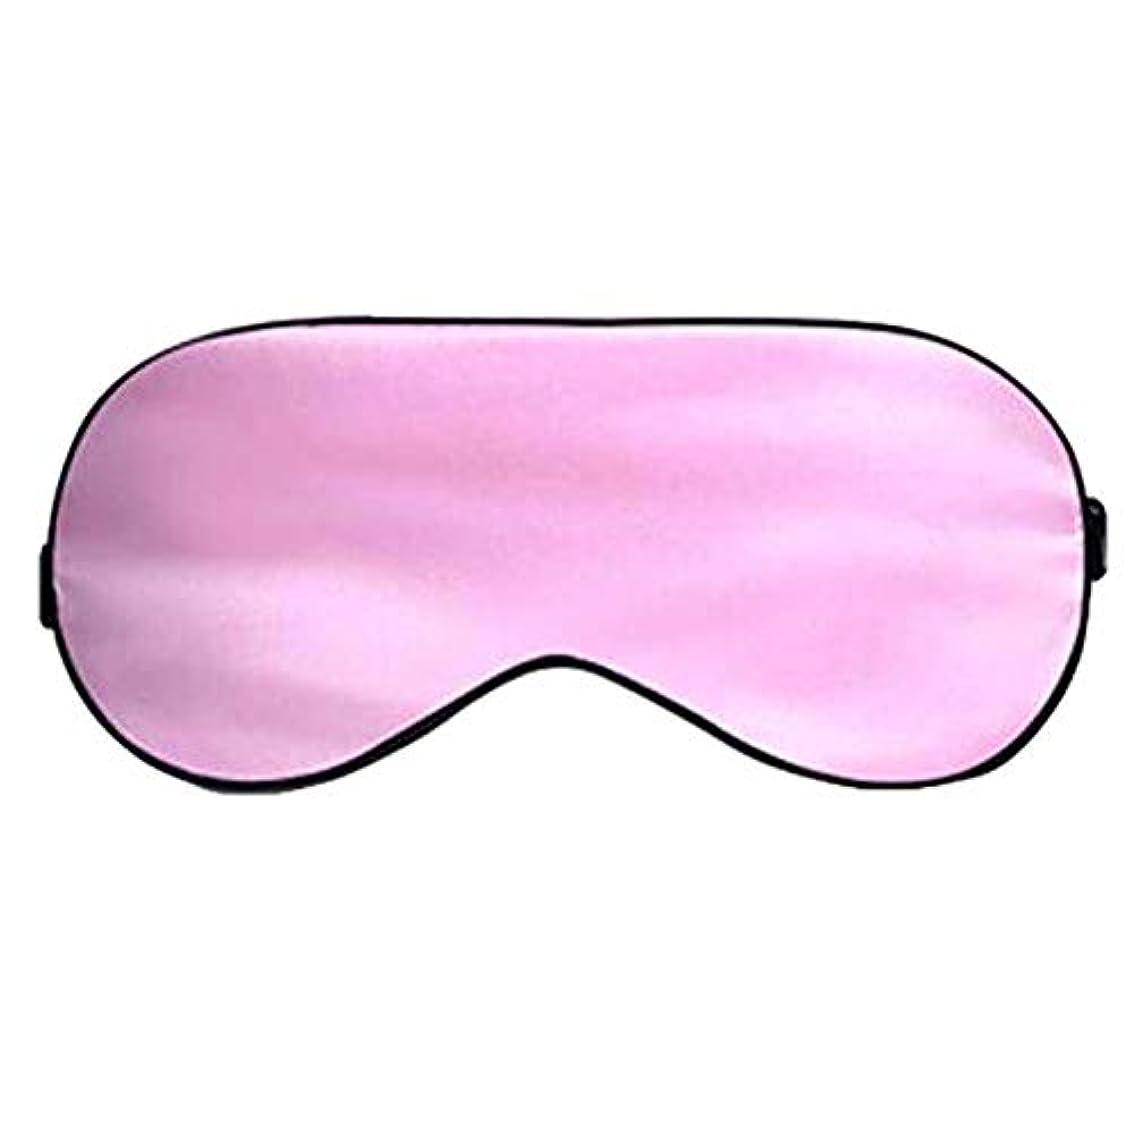 機械請求可能やさしいピンクシルク睡眠アイシェッド睡眠アイマスク睡眠用調節可能なストラップ